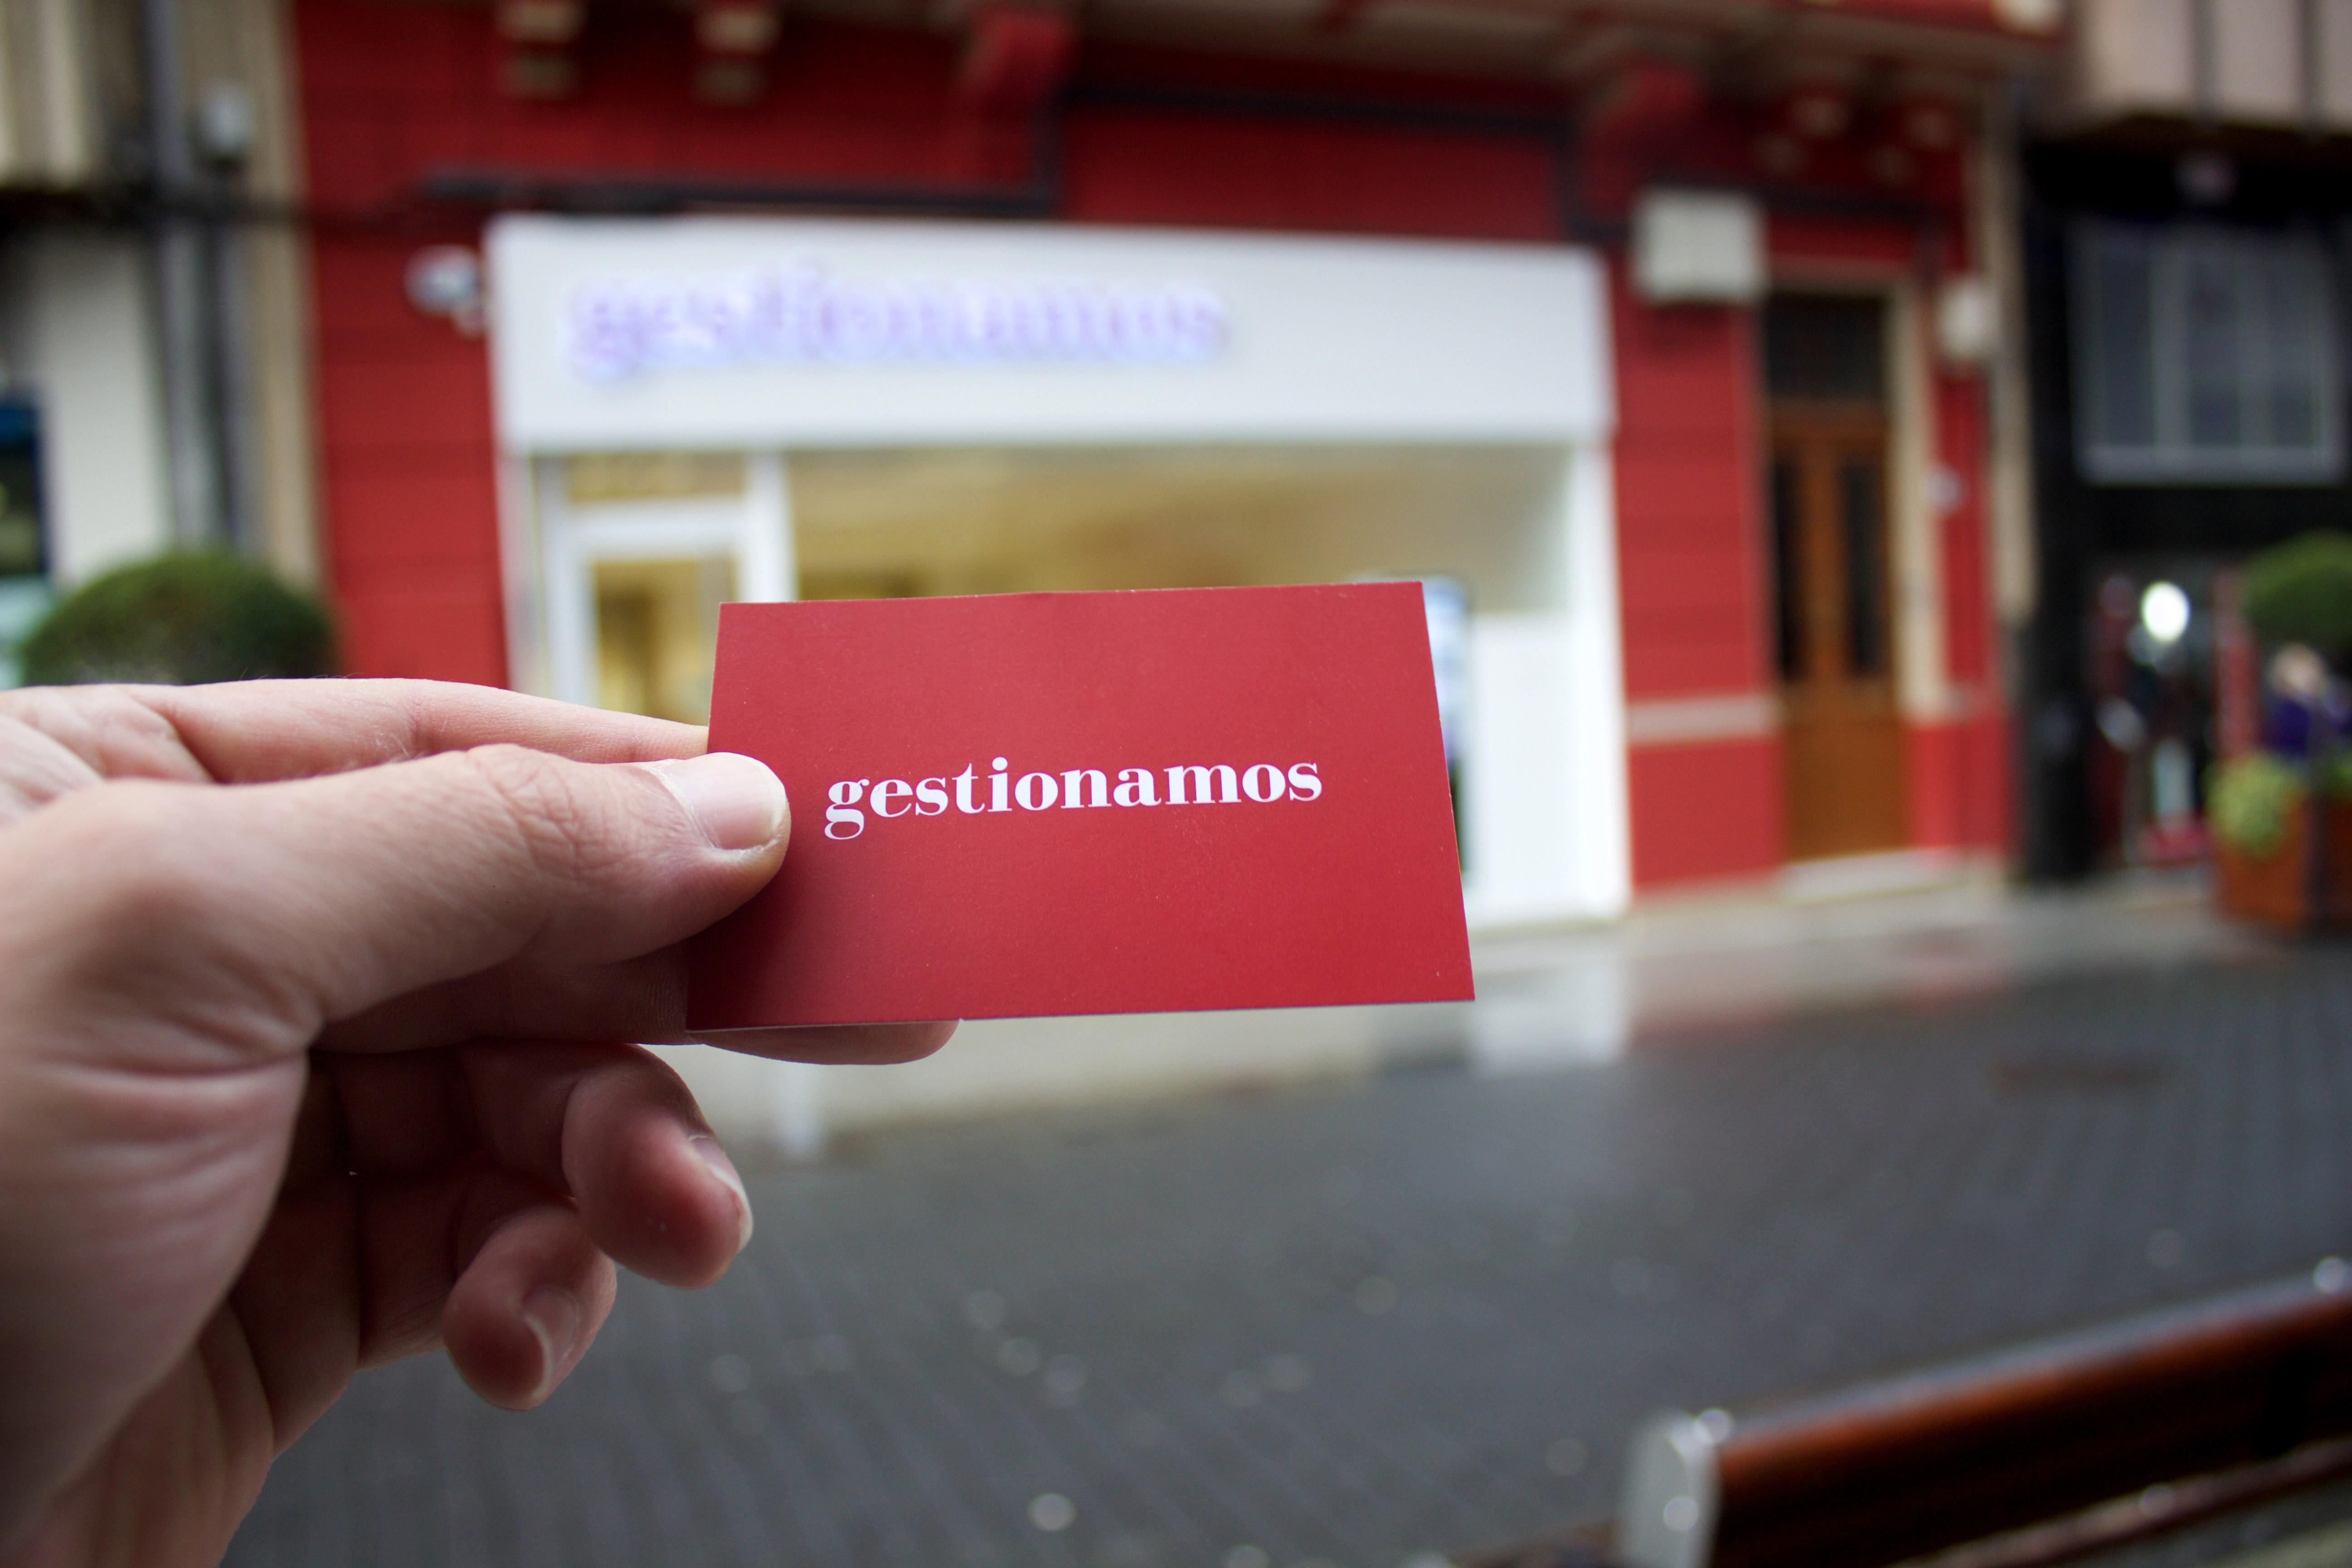 Gestionamos64 - Asesoria y gestoría en Carballo y A Coruña